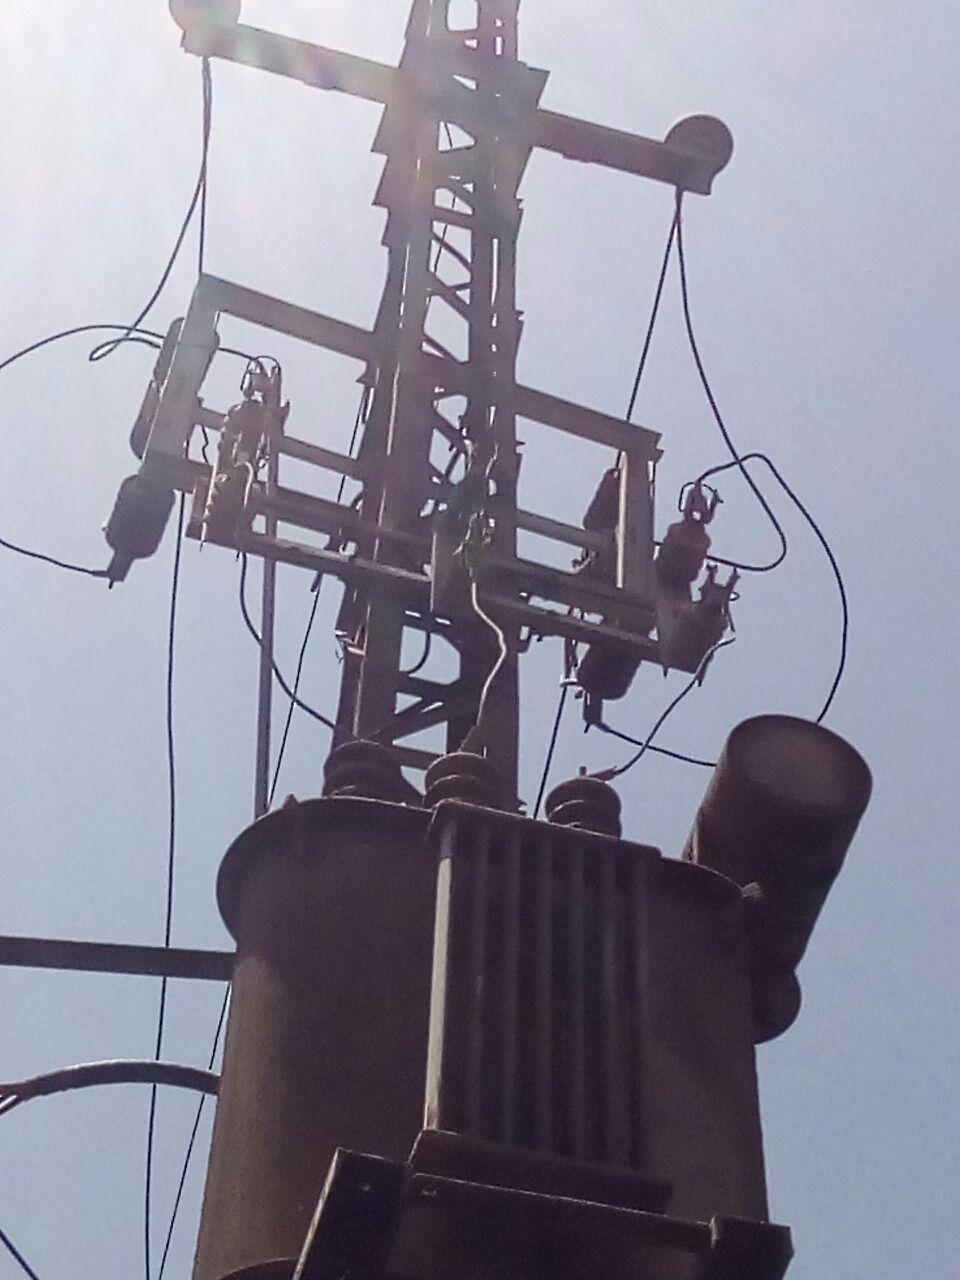 أهالي العسيرات بمحافظة سوهجا يشتكون من انقطاع الكهرباء ..«المحولات لم يتم تغييرها منذ 34 عام»